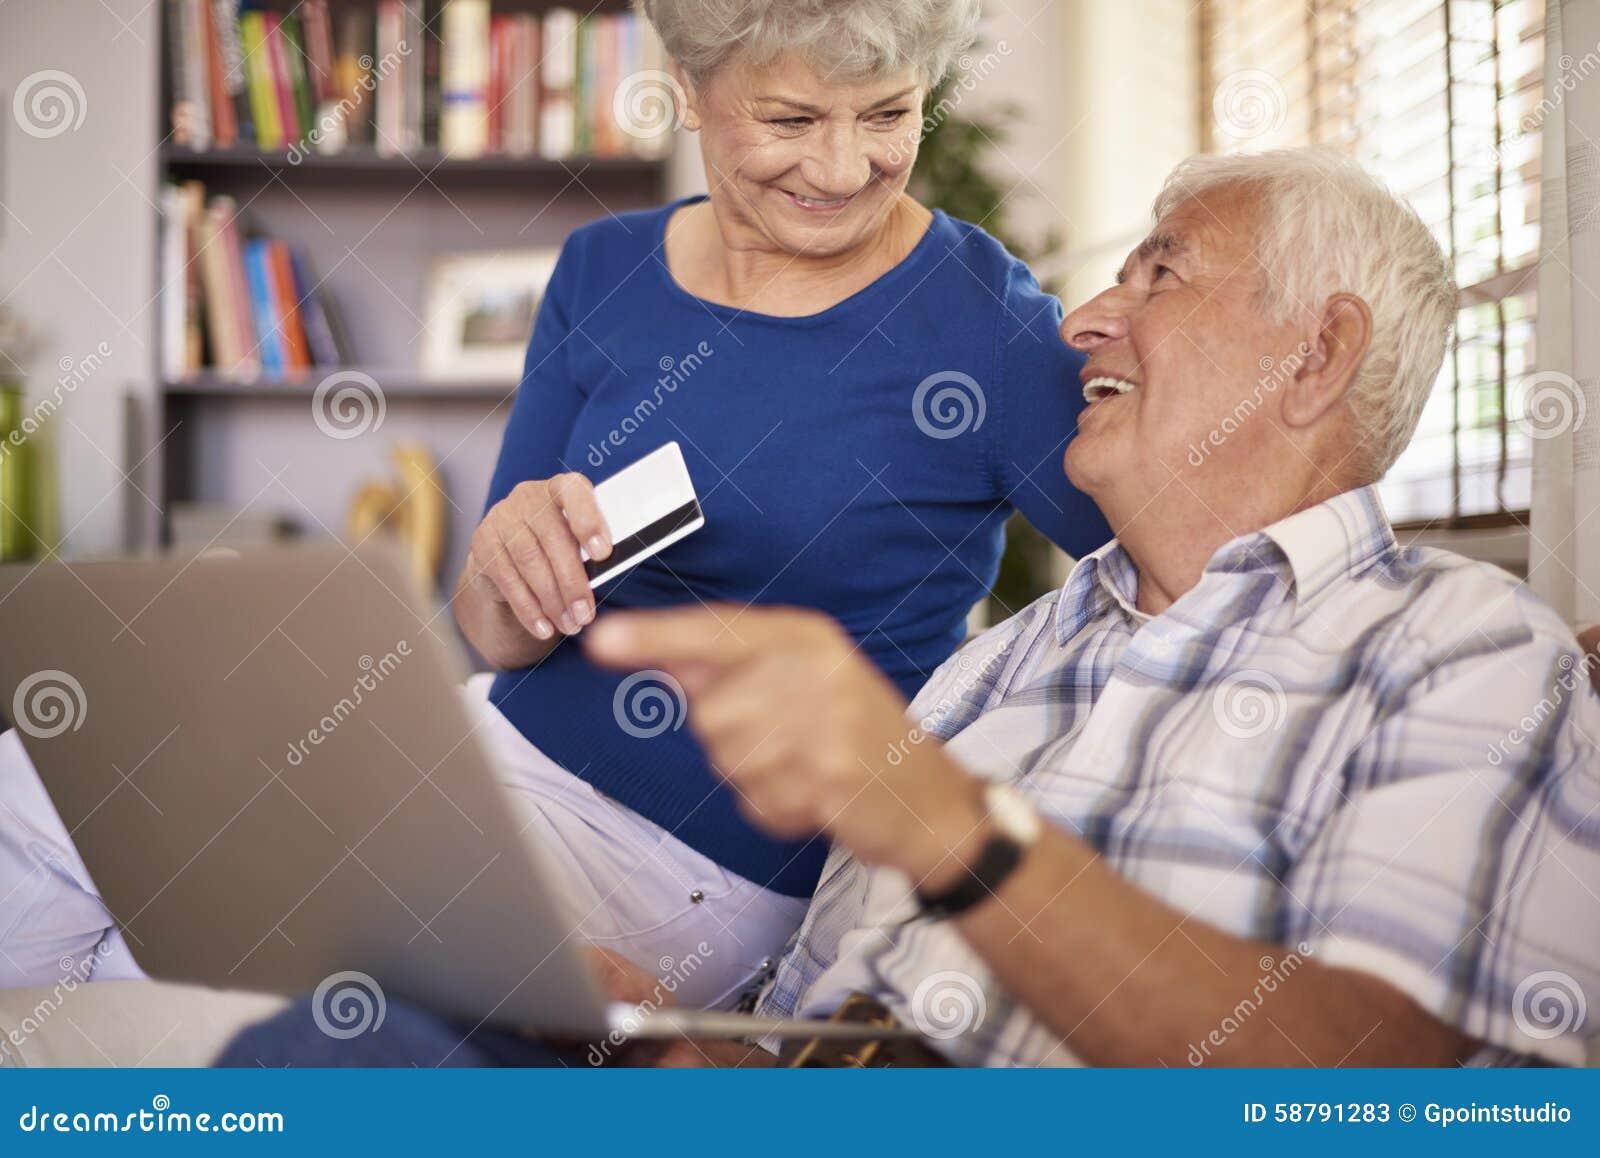 Card grund shopping för dof-fokushanden online mycket